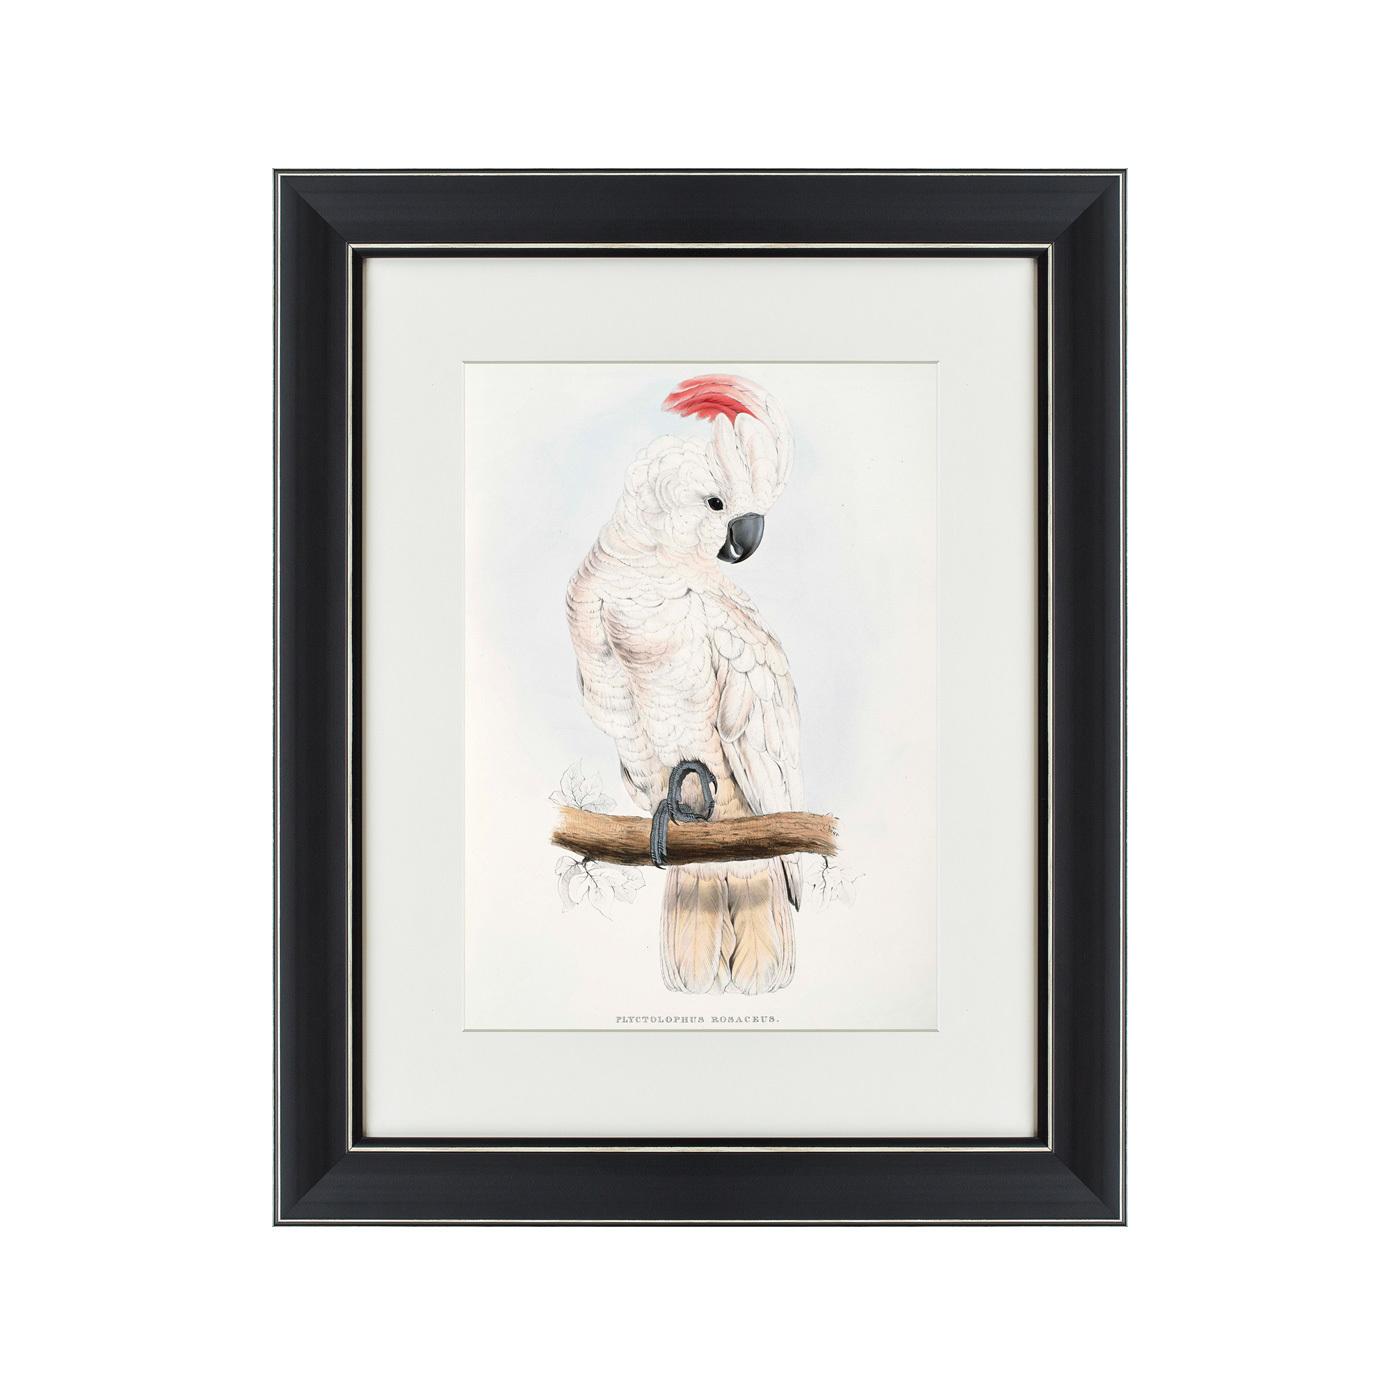 {} Картины в Квартиру Картина Молуккский Какаду (42х52 см) картины в квартиру картина серобрюхий трагопан 42х52 см